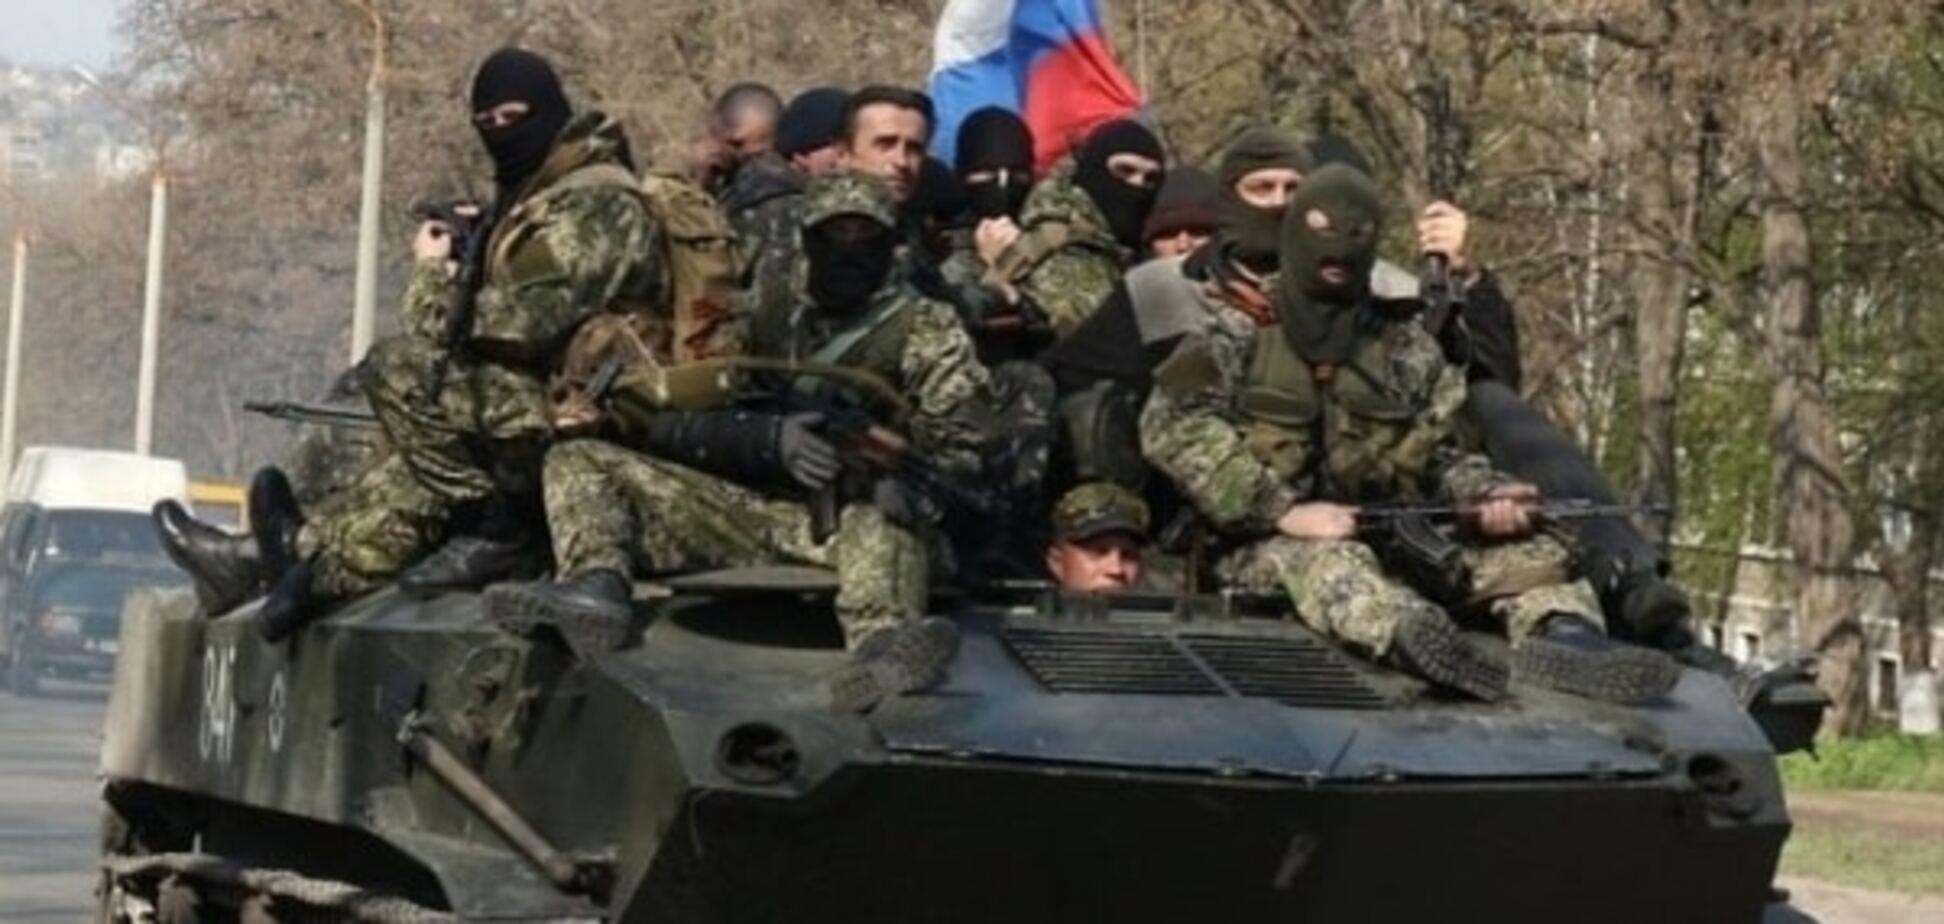 Росія оголосила непідконтрольним терористам Донбасу 'мінну війну' - Снєгирьов